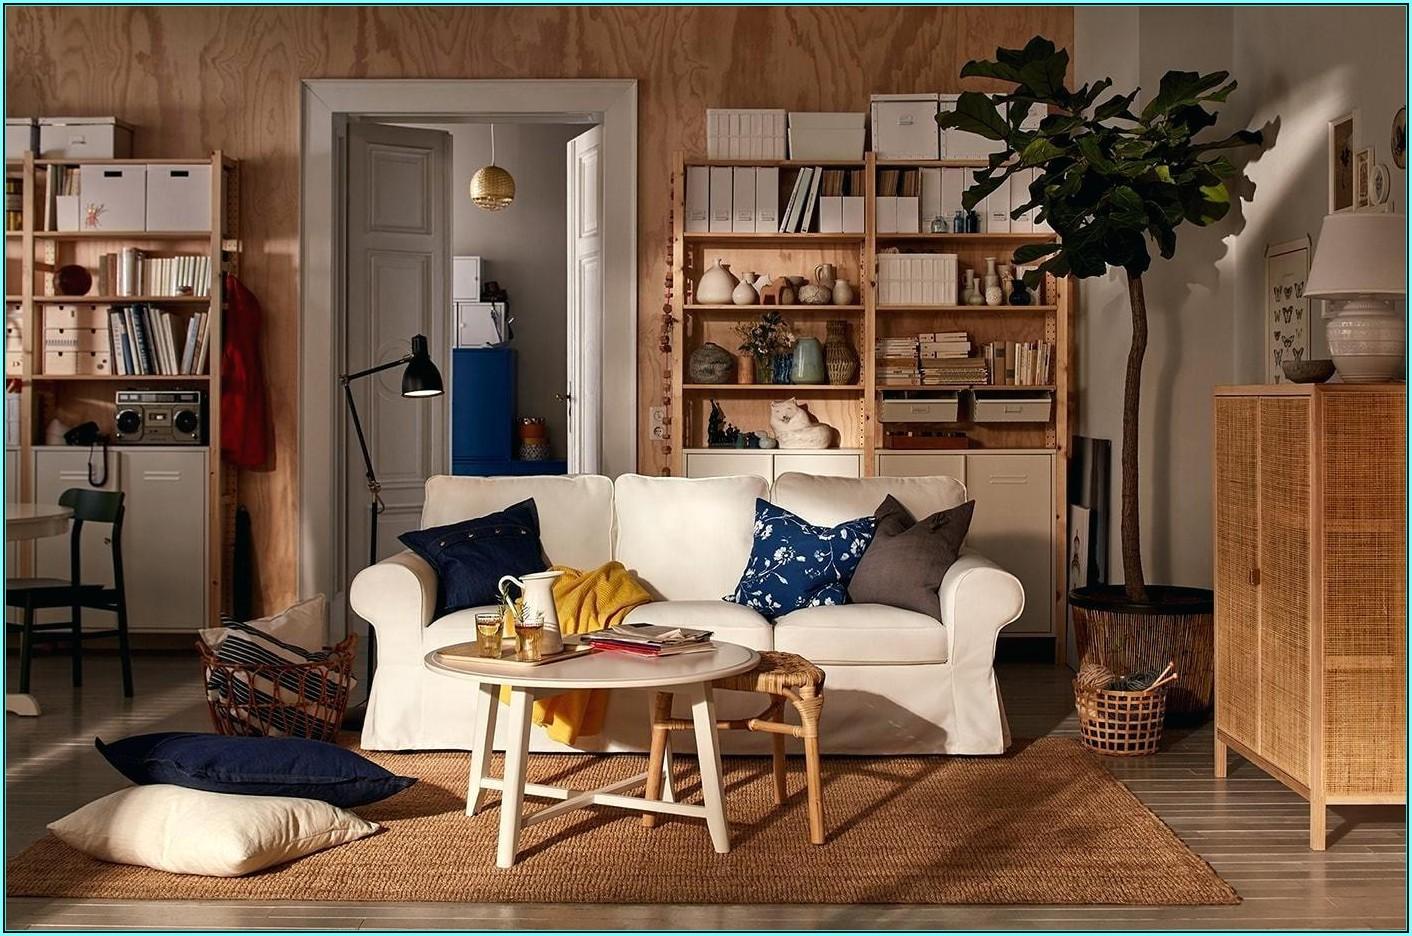 Wohnzimmer Bilder Aufhängen Ideen